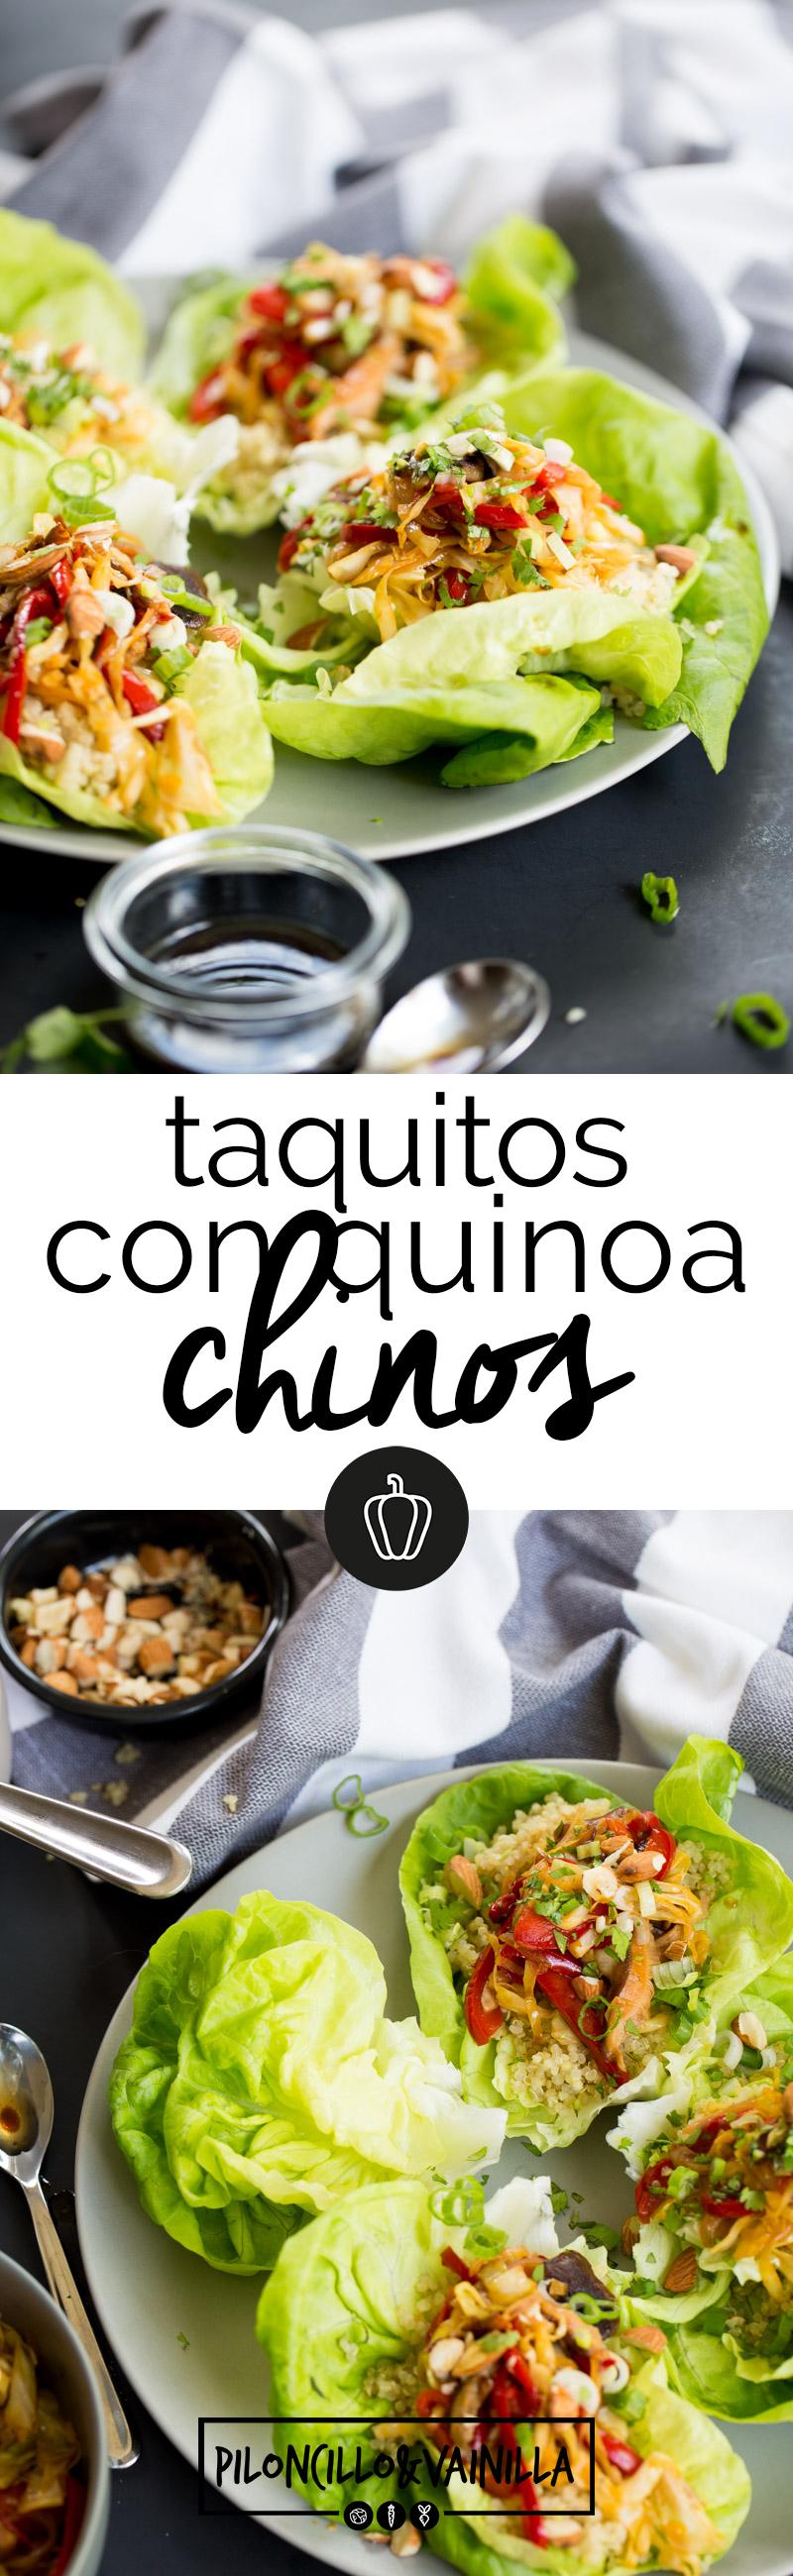 Receta perfecta para una cena rápida o una comida ligera de taquitos chinos con quinoa y verduras. Esta receta (100% basada en plantas) es fácil y rápida.